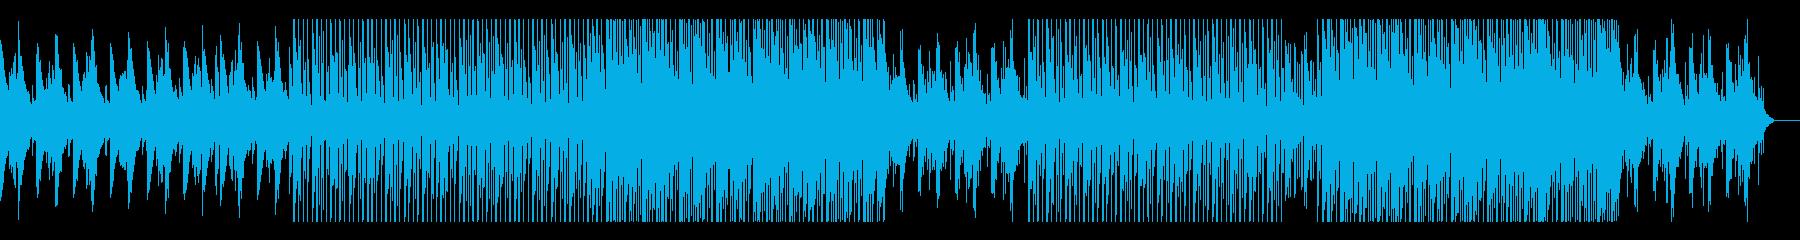 ピアノ伴奏 クリーン 企業VP CMの再生済みの波形